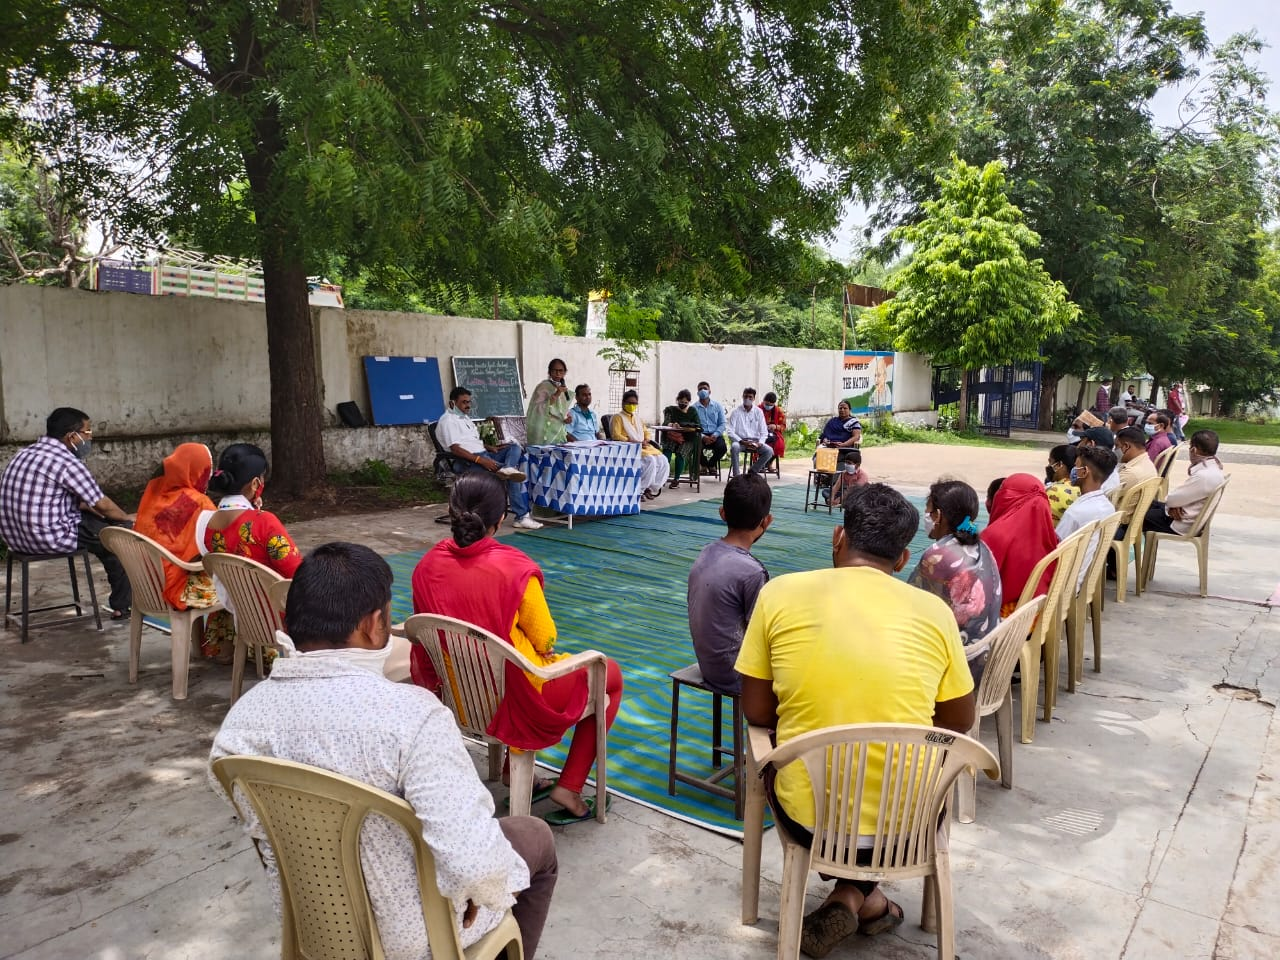 स्कूल परिसर में आयोजित लॉटरी प्रक्रिया के दौरान मौजूद अभिभावक।